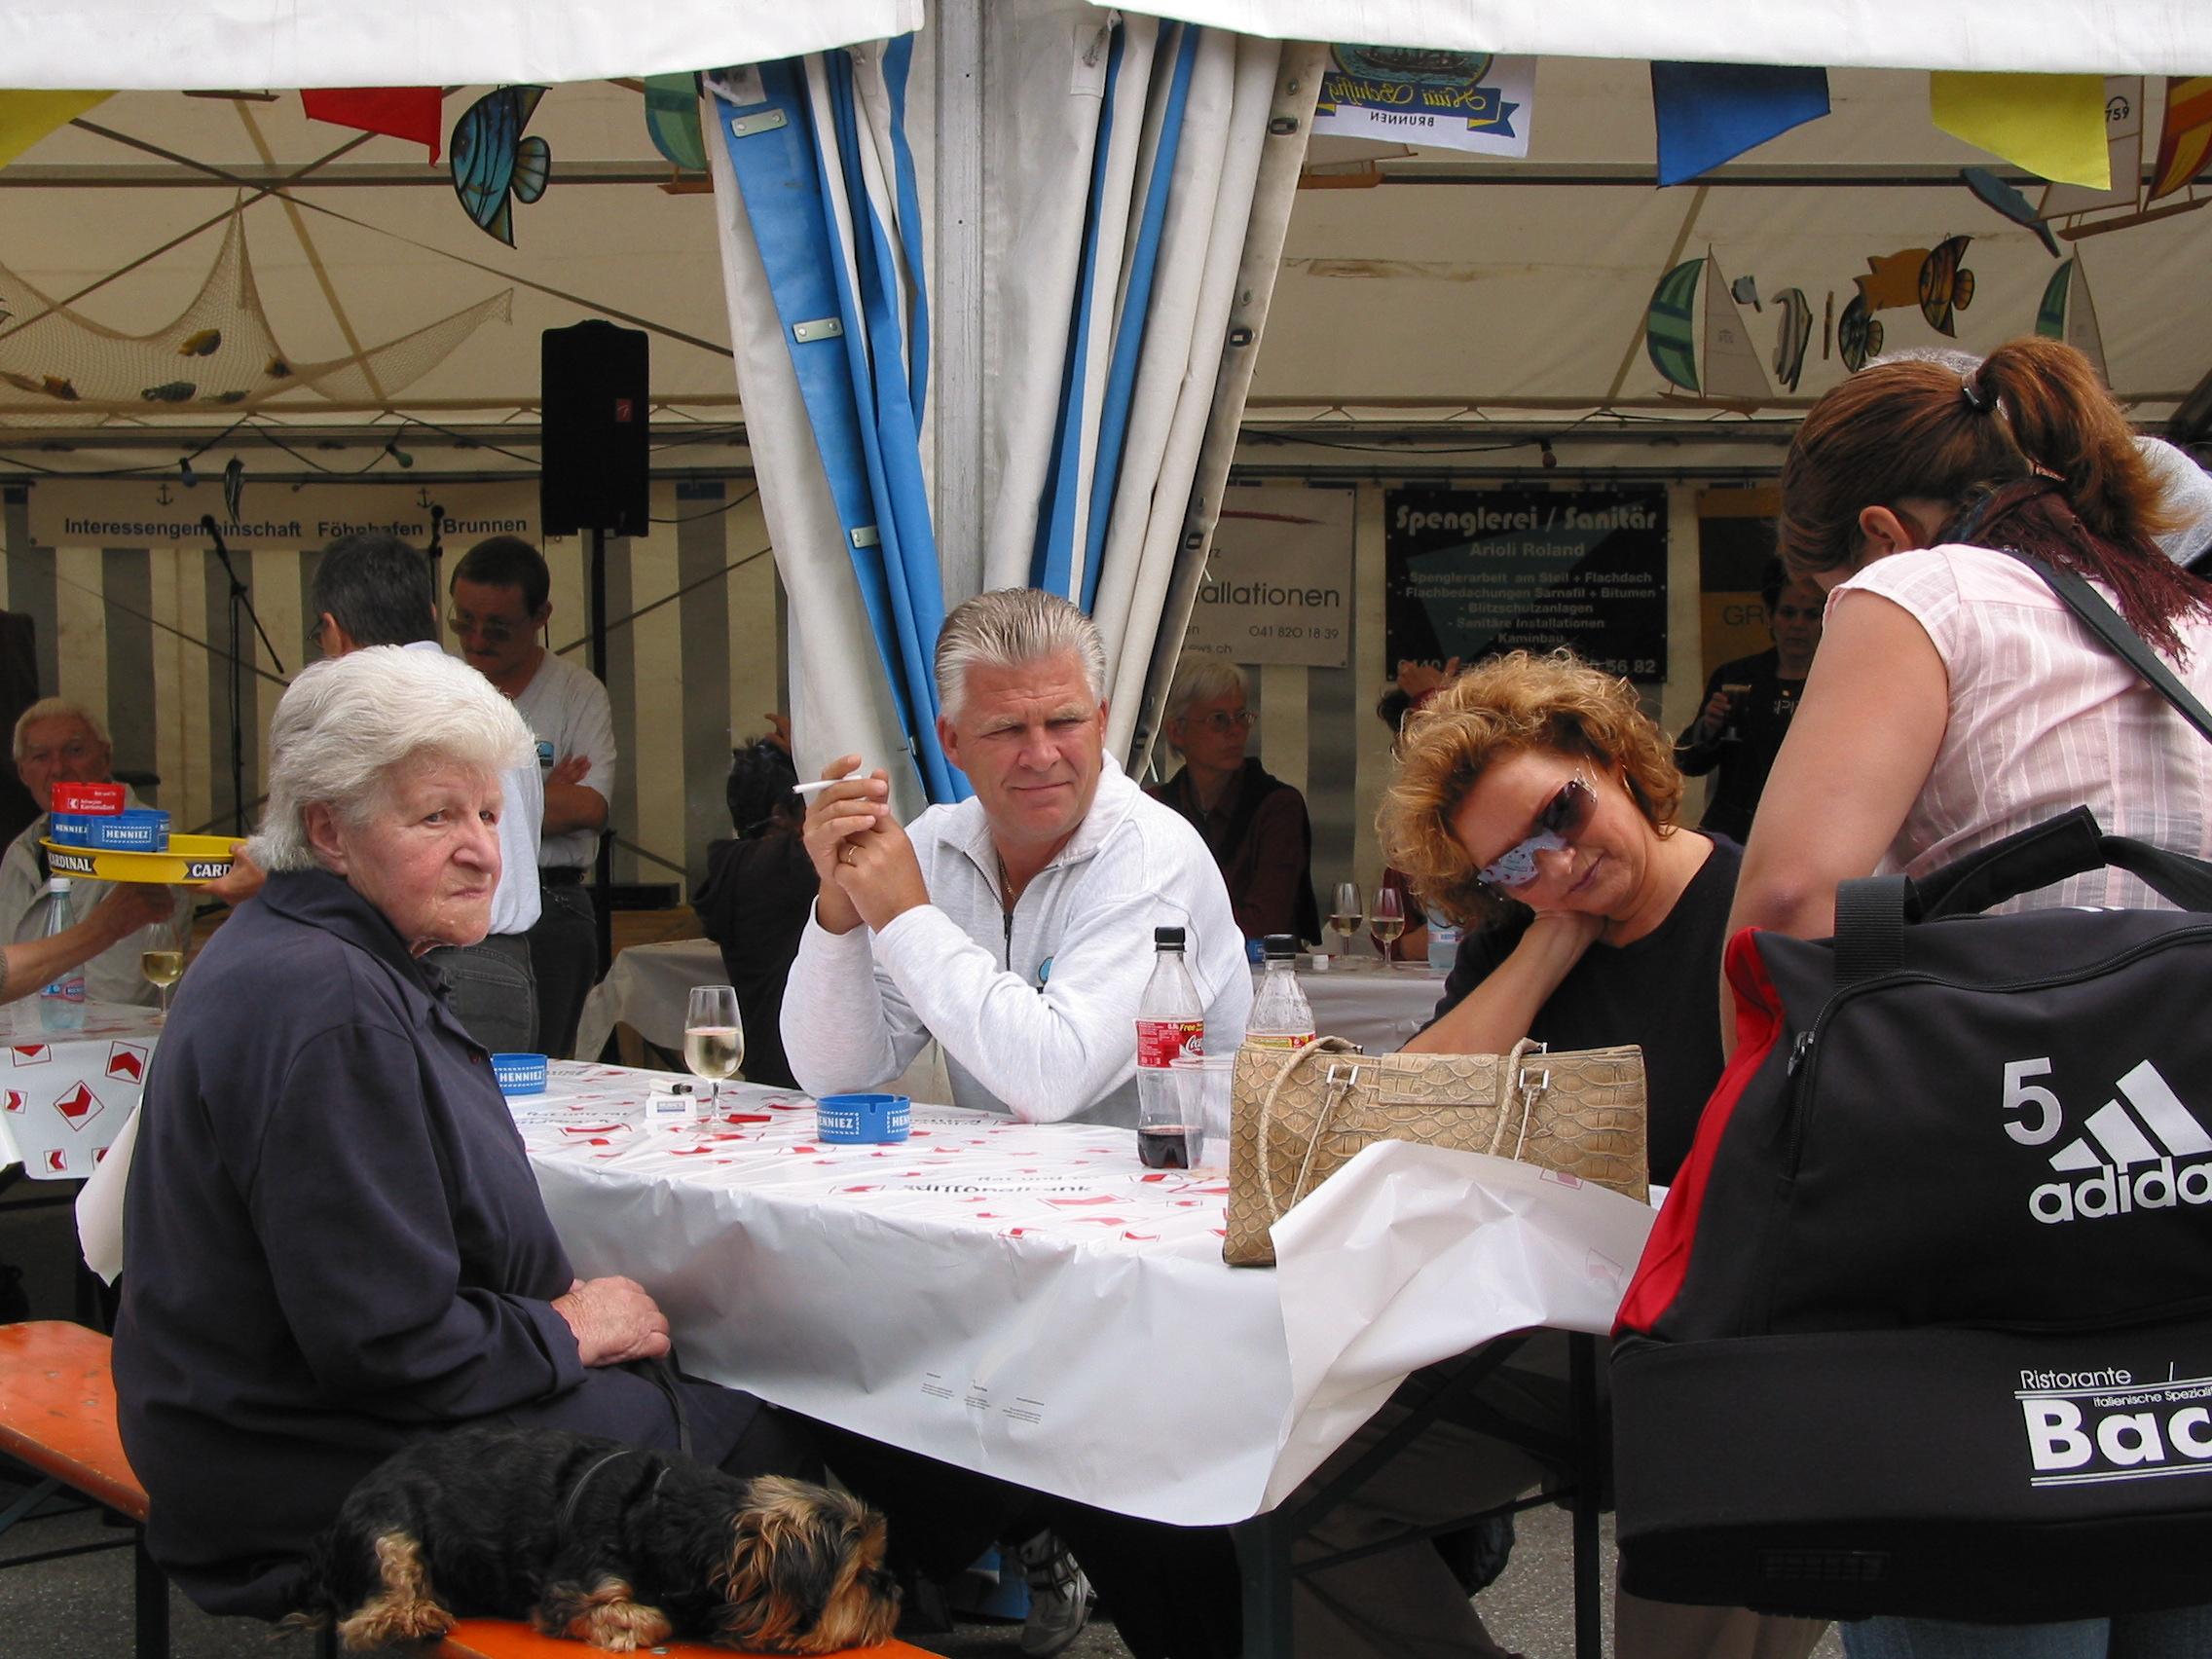 igf-hafenfest-brunnen-2005-12